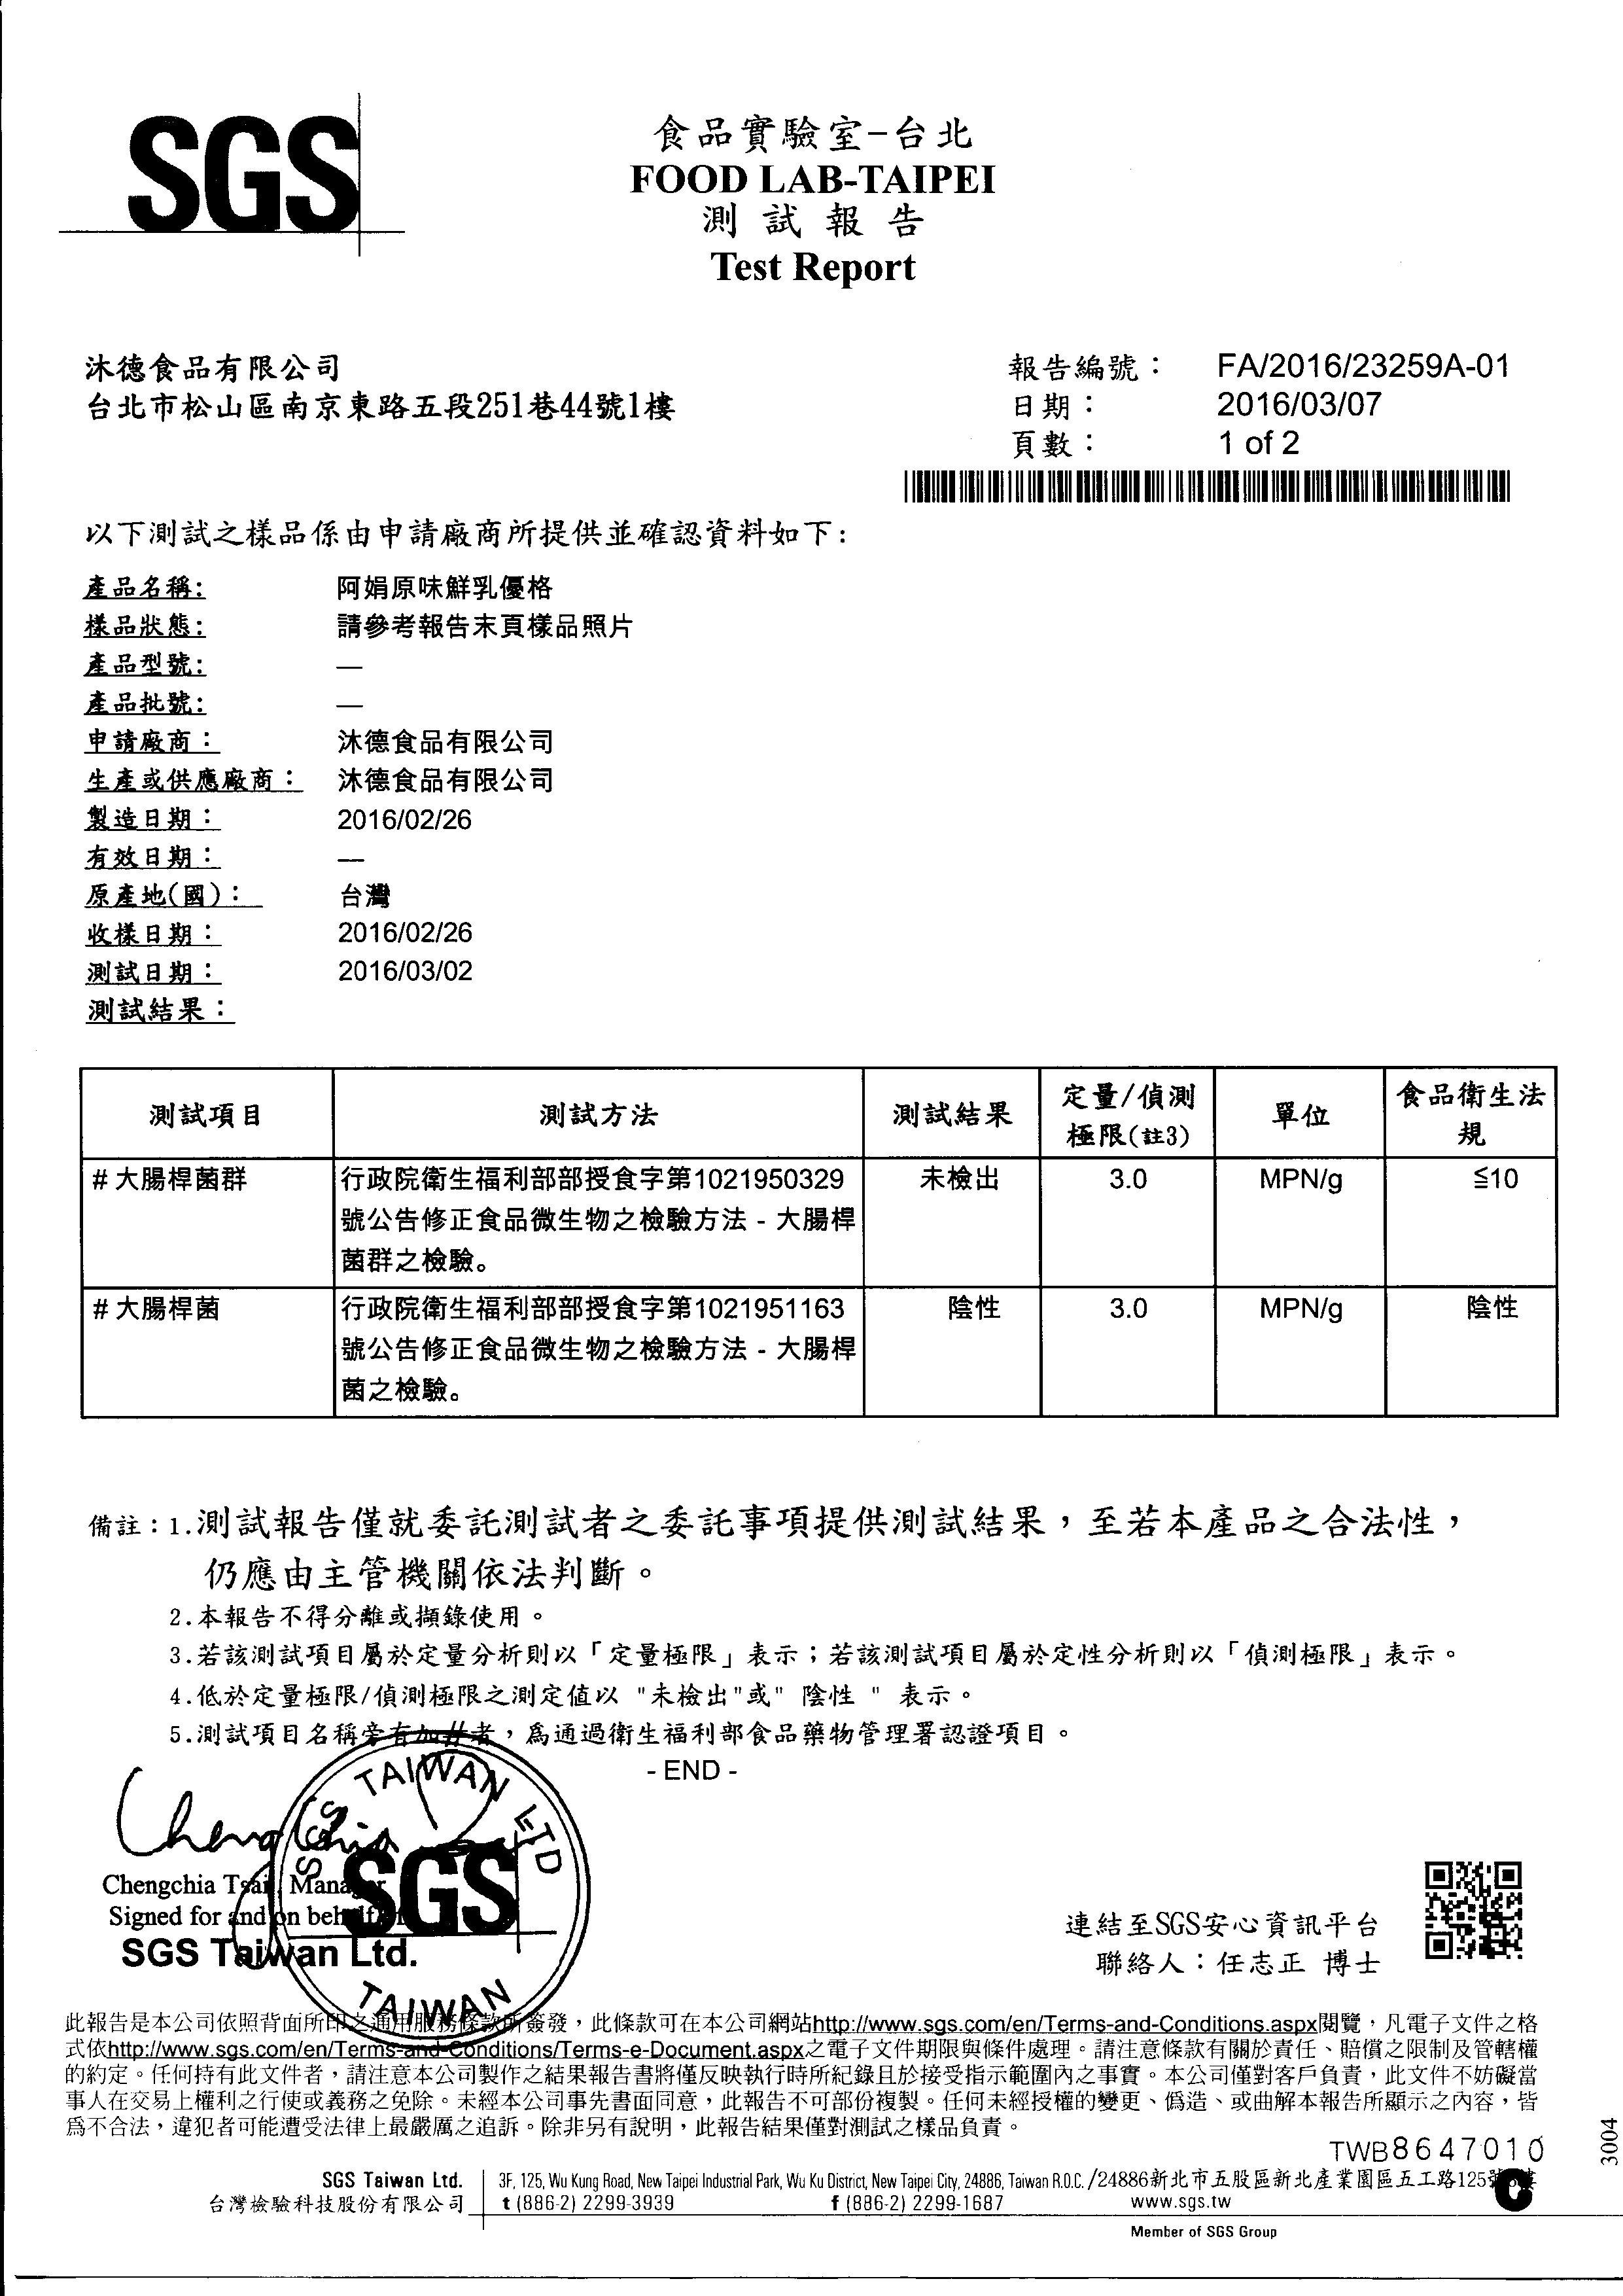 原味優格大腸桿菌檢驗2016 (1).jpg